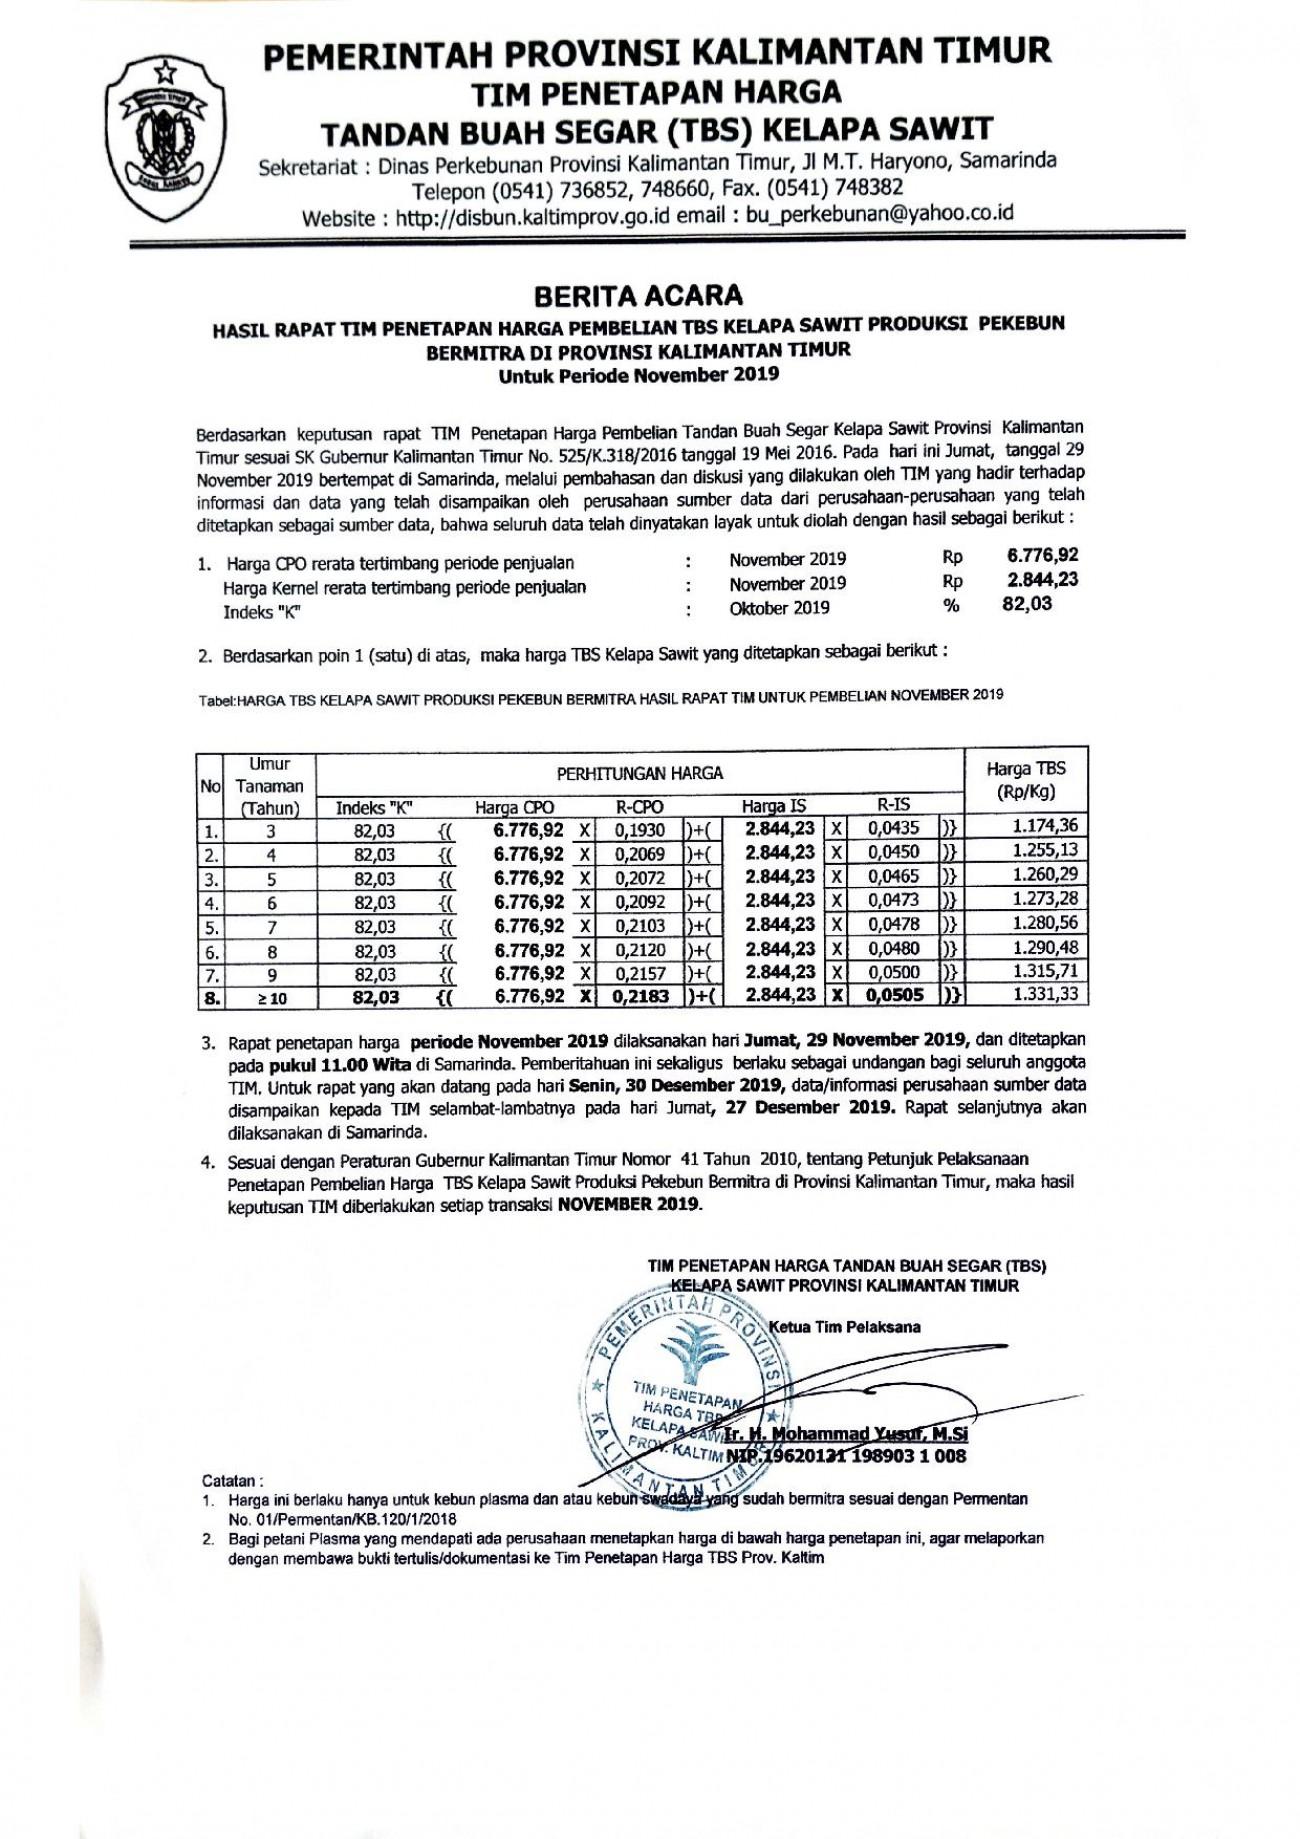 Informasi Harga TBS Kelapa Sawit Bagi Pekebun Bermitra Bulan November 2019